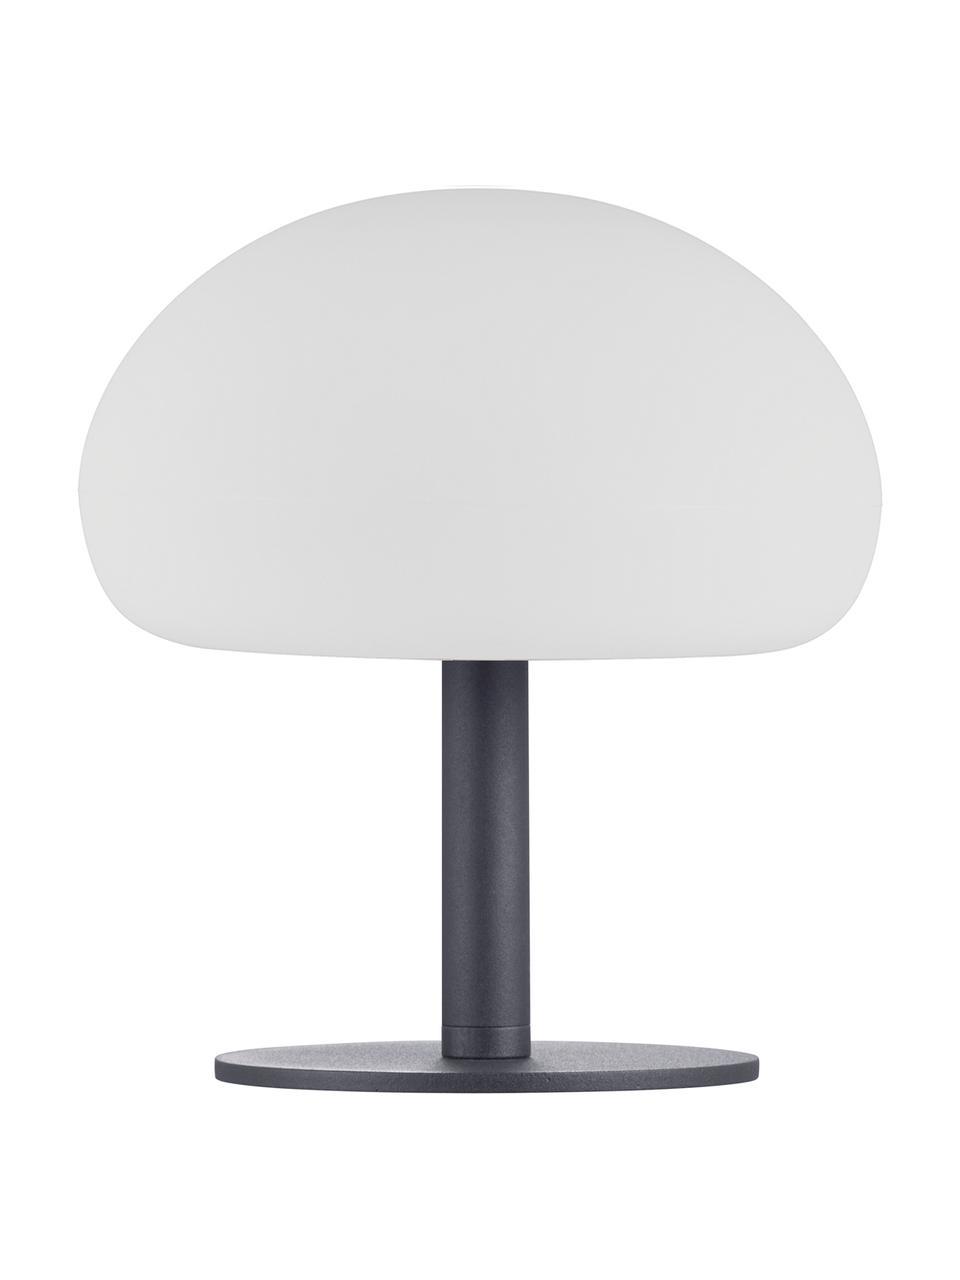 Lampada da tavolo dimmerabile da esterno Sponge, Paralume: materiale sintetico, Bianco, nero, Ø 20 x Alt. 22 cm